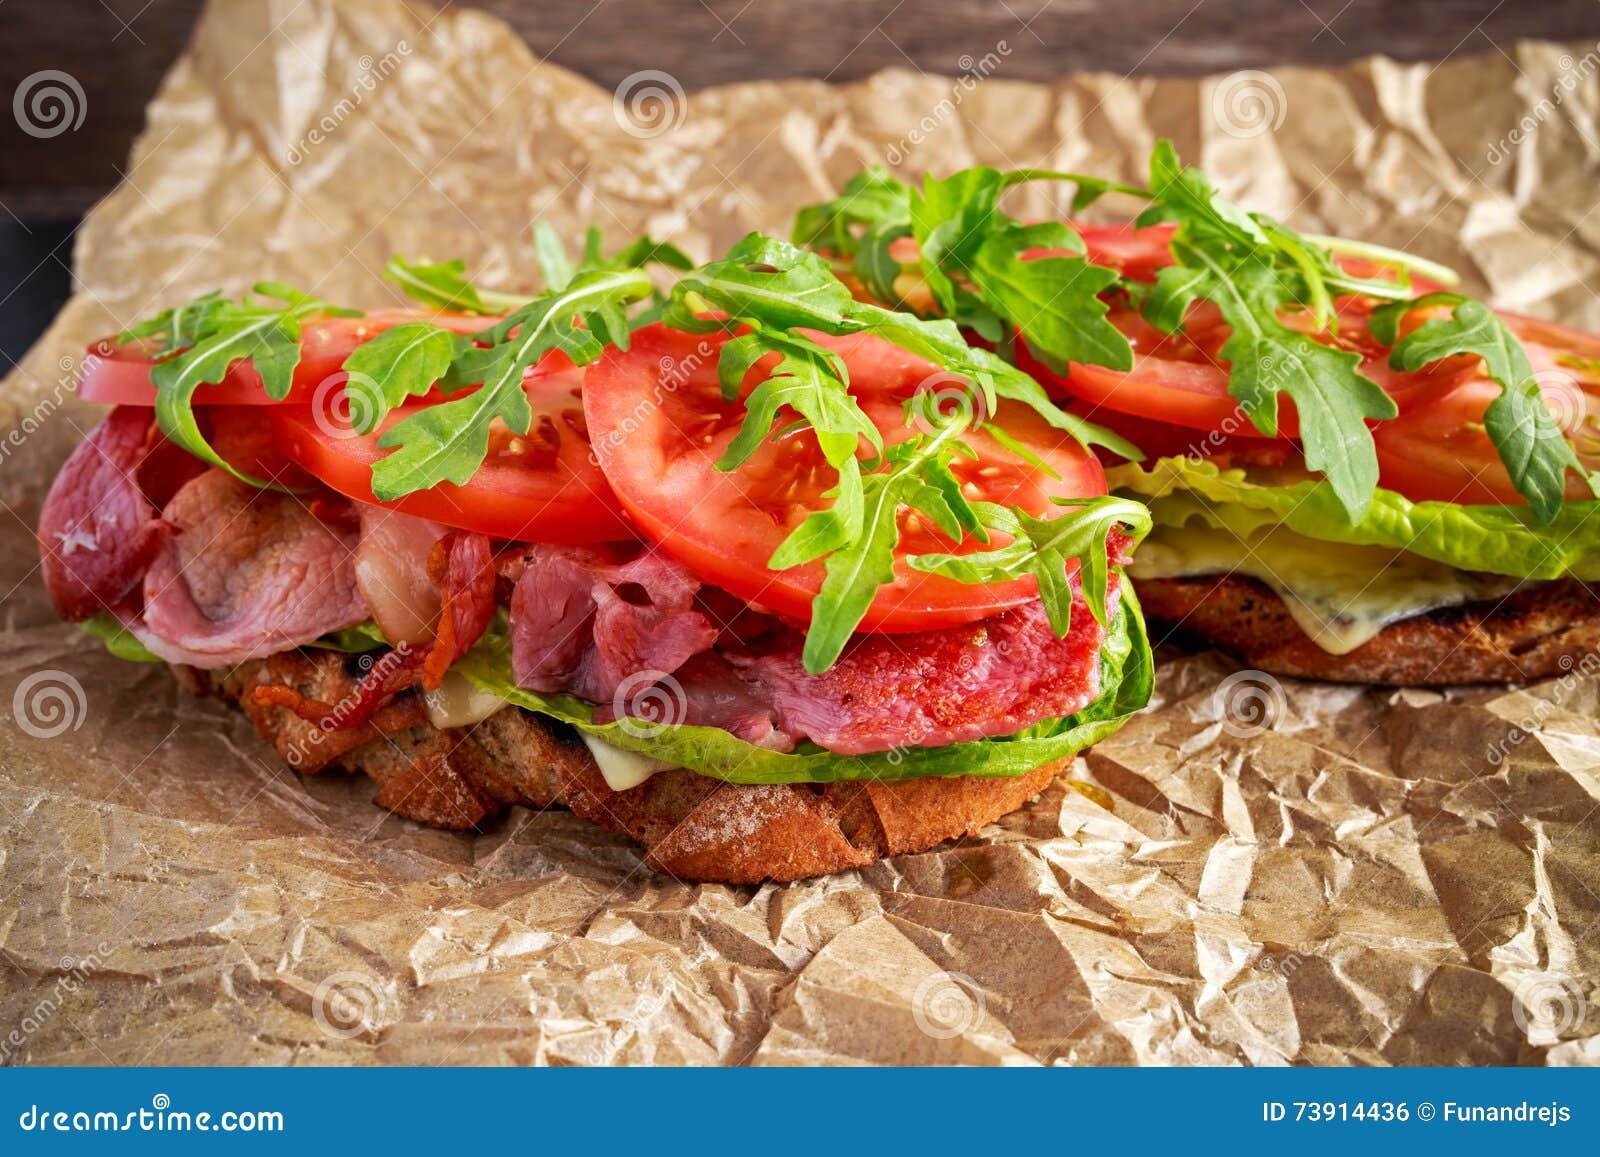 Sanduíche caseiro fresco de BLT no pão grelhado com bacon, alface, tomate da carne, as cebolas vermelhas, o foguete selvagem e as